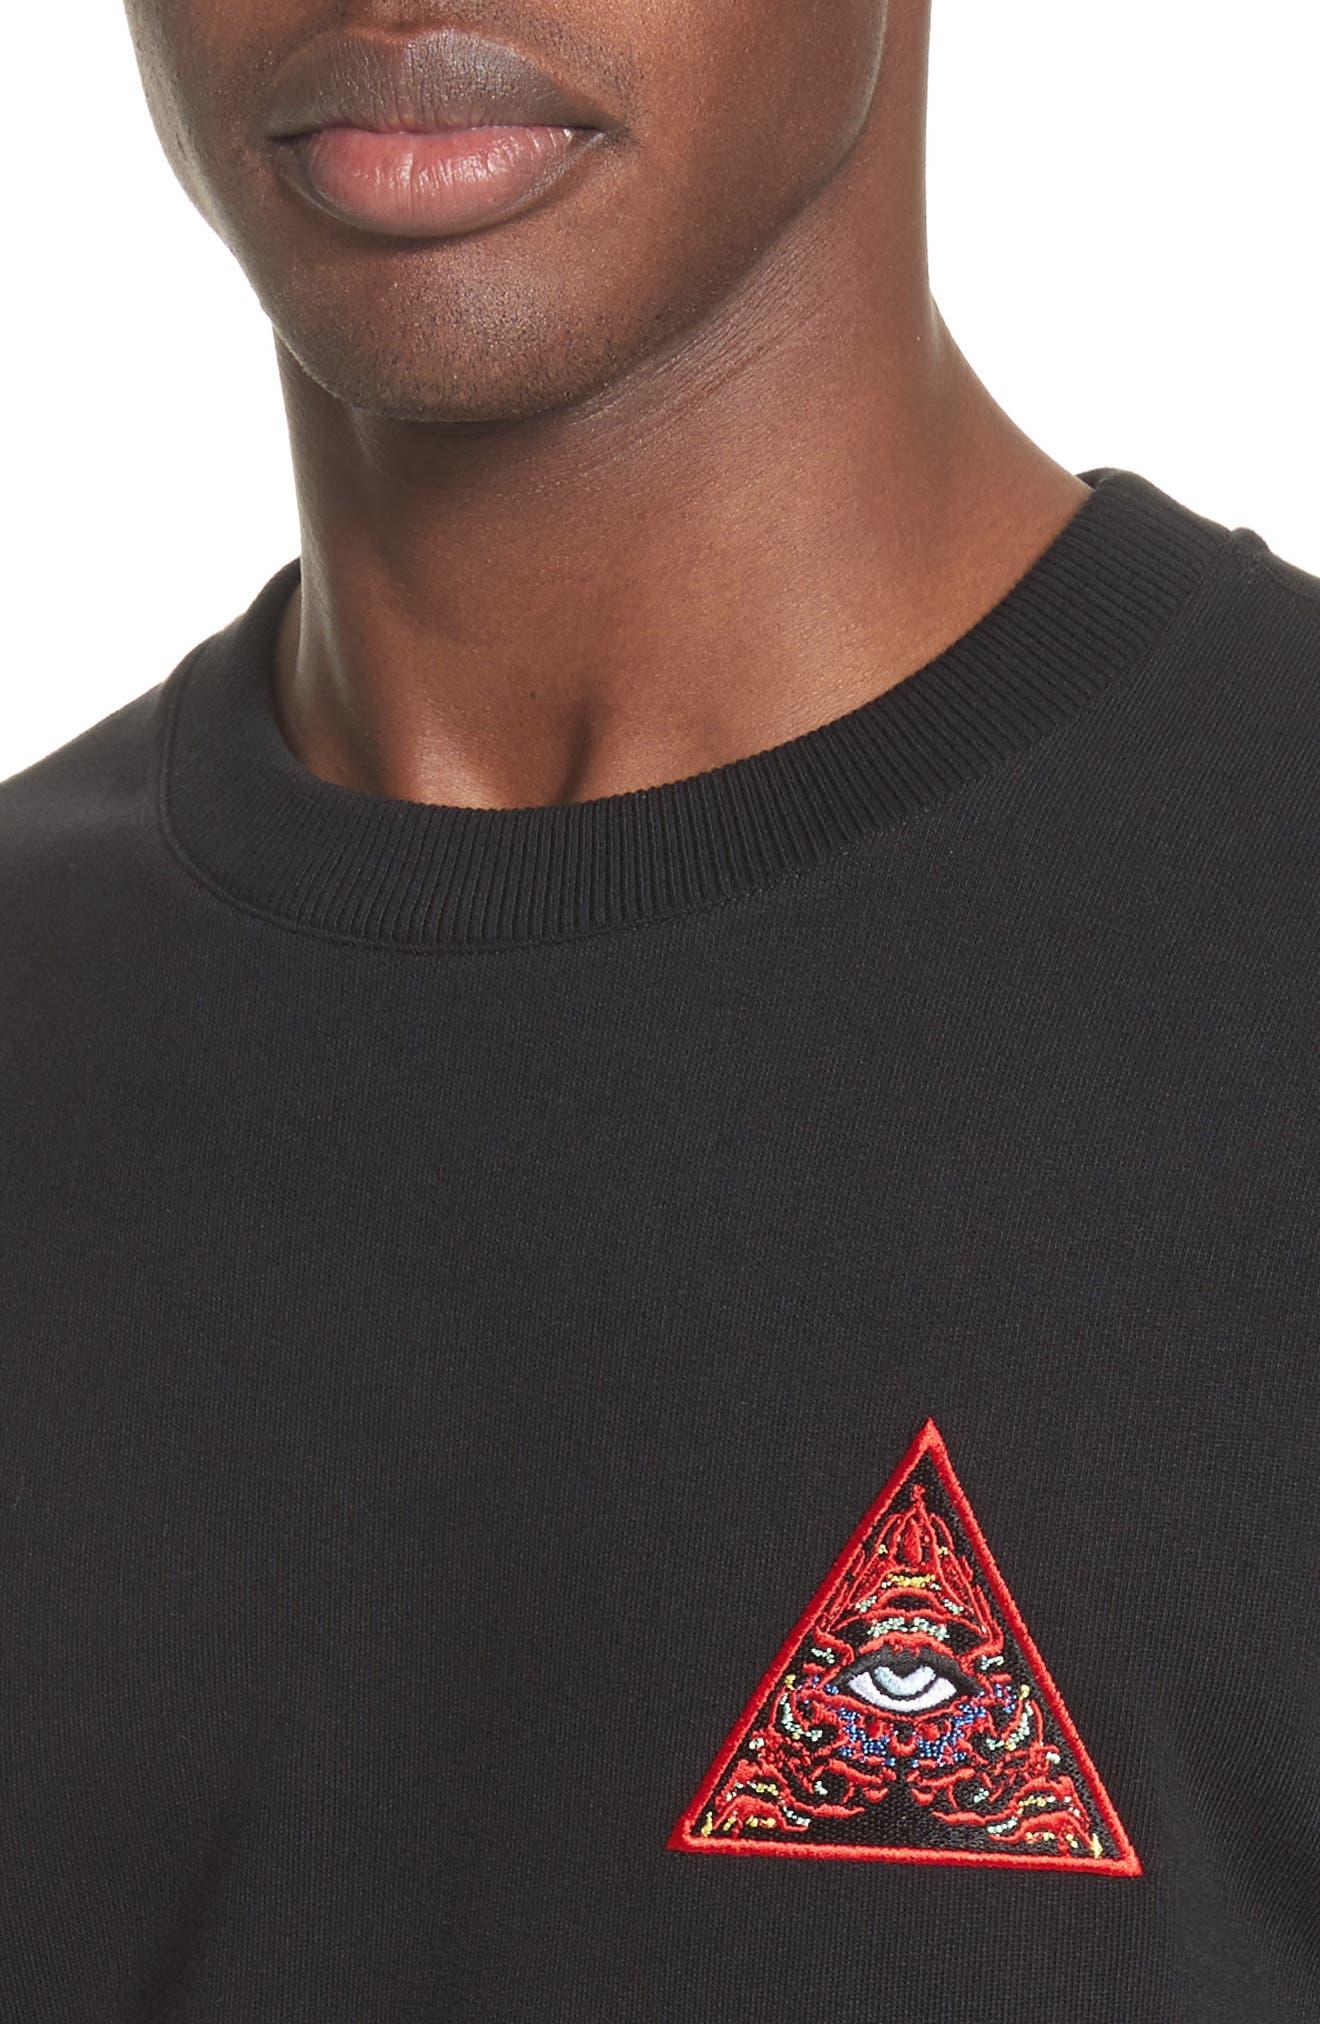 Cuban Fit Realize Sweatshirt,                             Alternate thumbnail 4, color,                             001